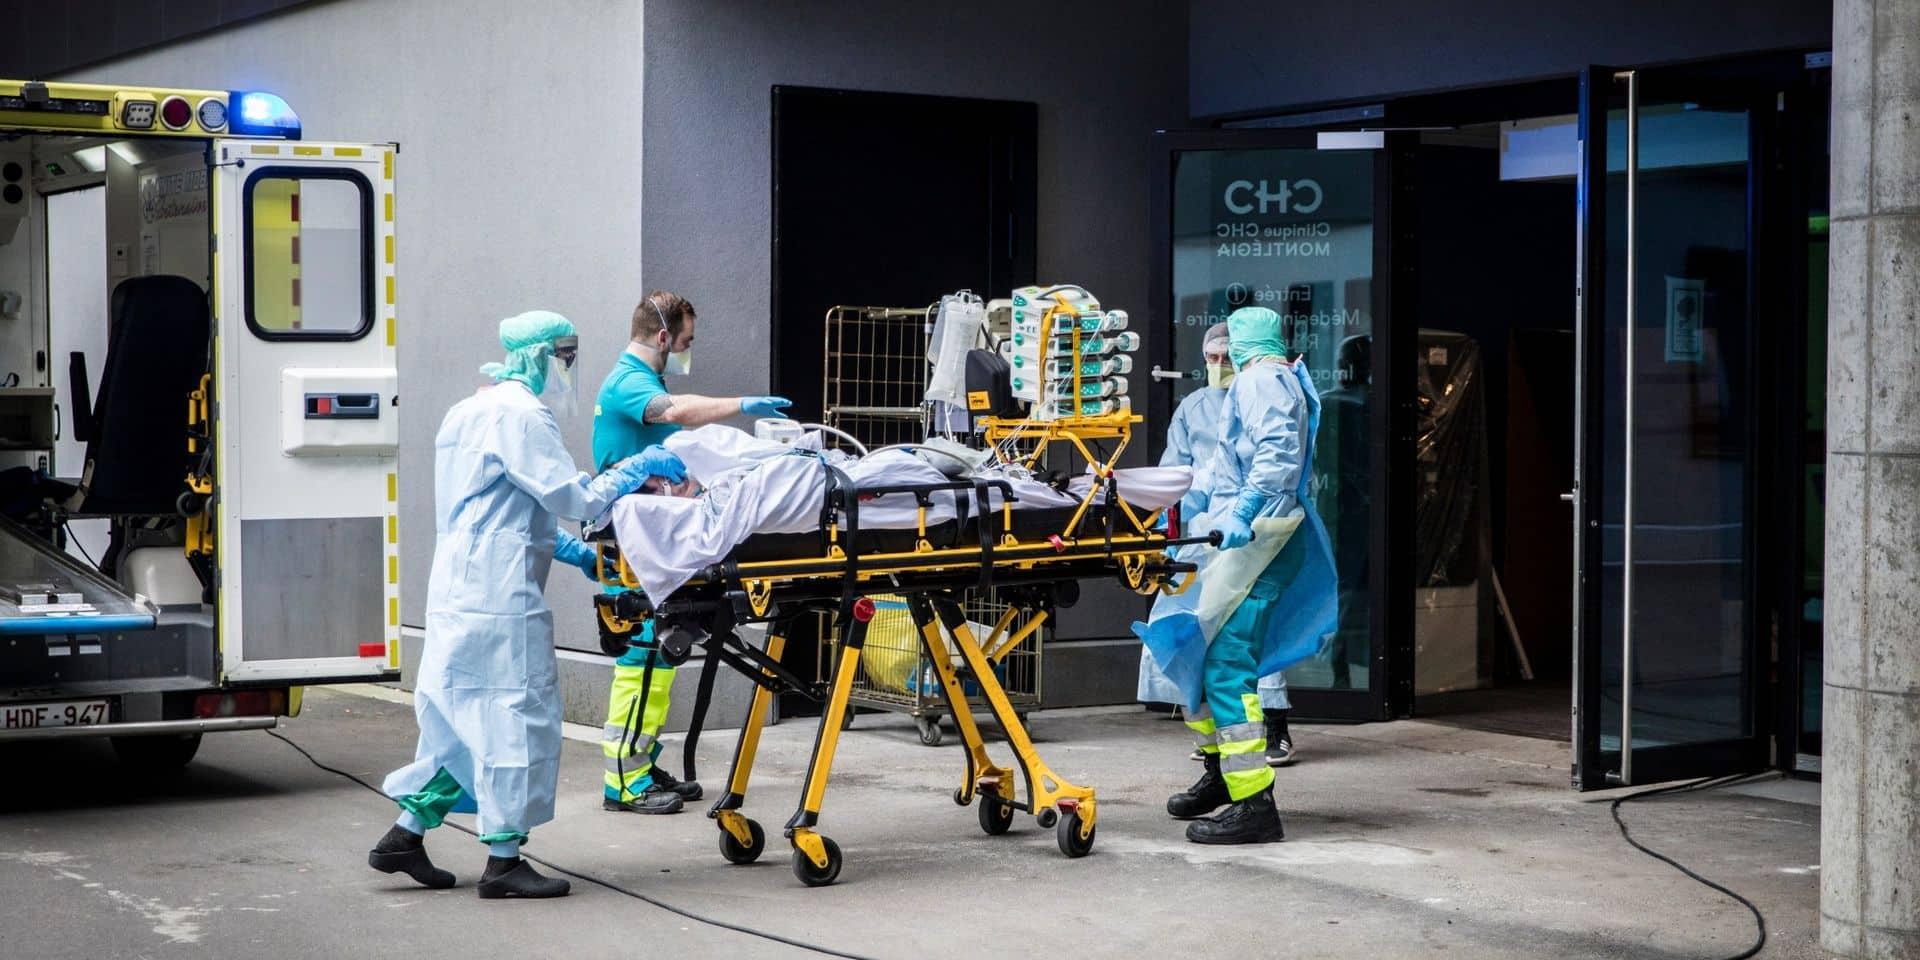 Une jeune femme de 18 ans décède du coronavirus: 2e plus jeune victime en Belgique